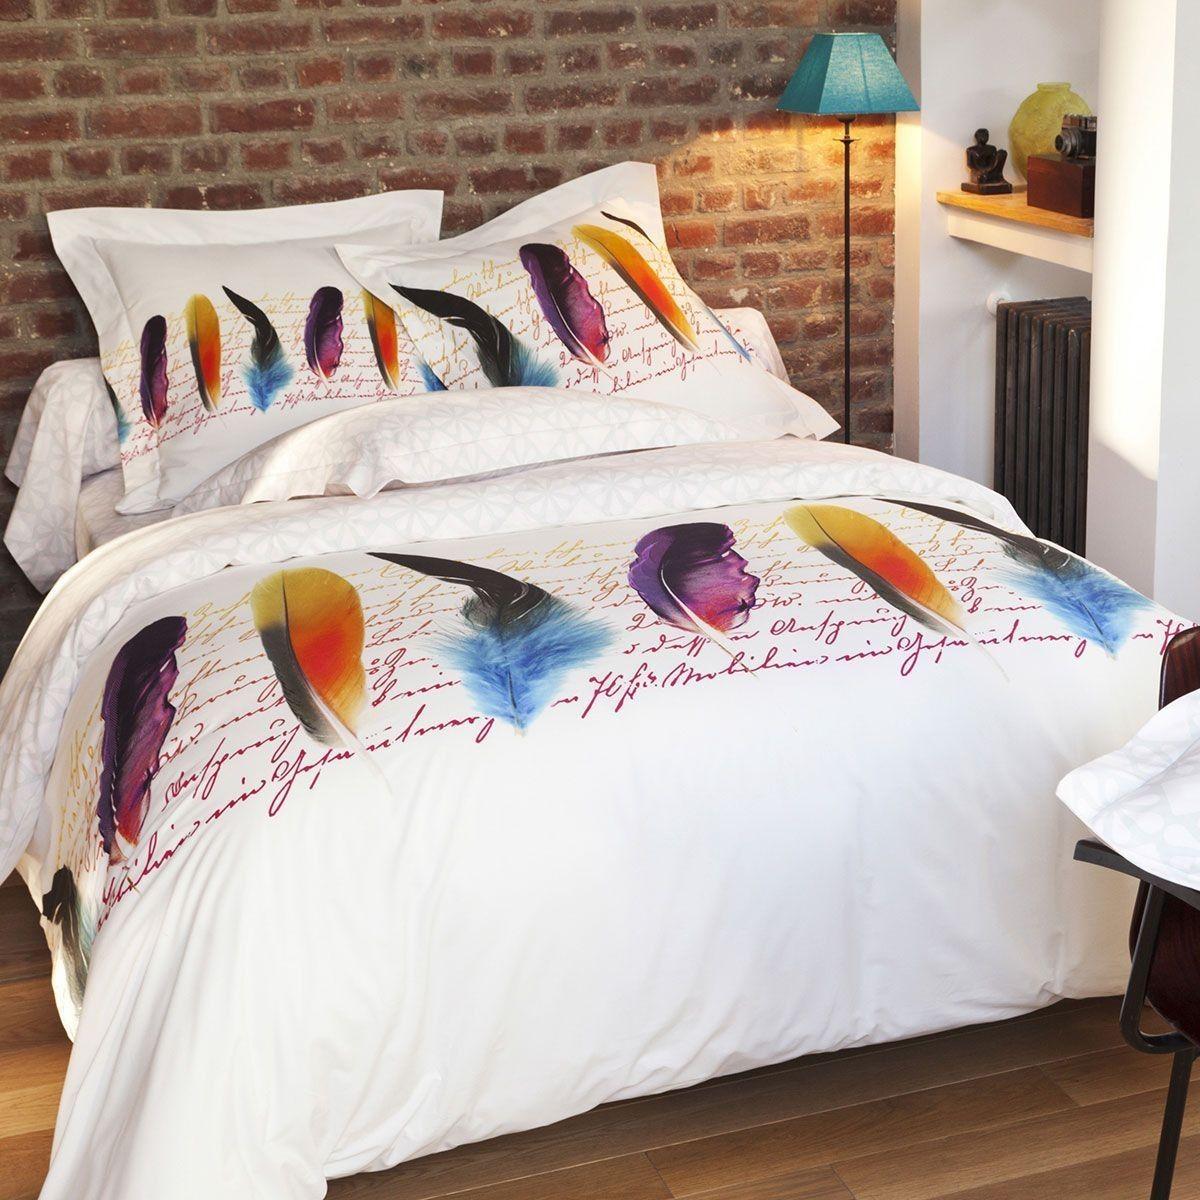 Housse De Couette Plumetis Percale De Coton Housse De Couette Parure De Lit Et Decoration Maison